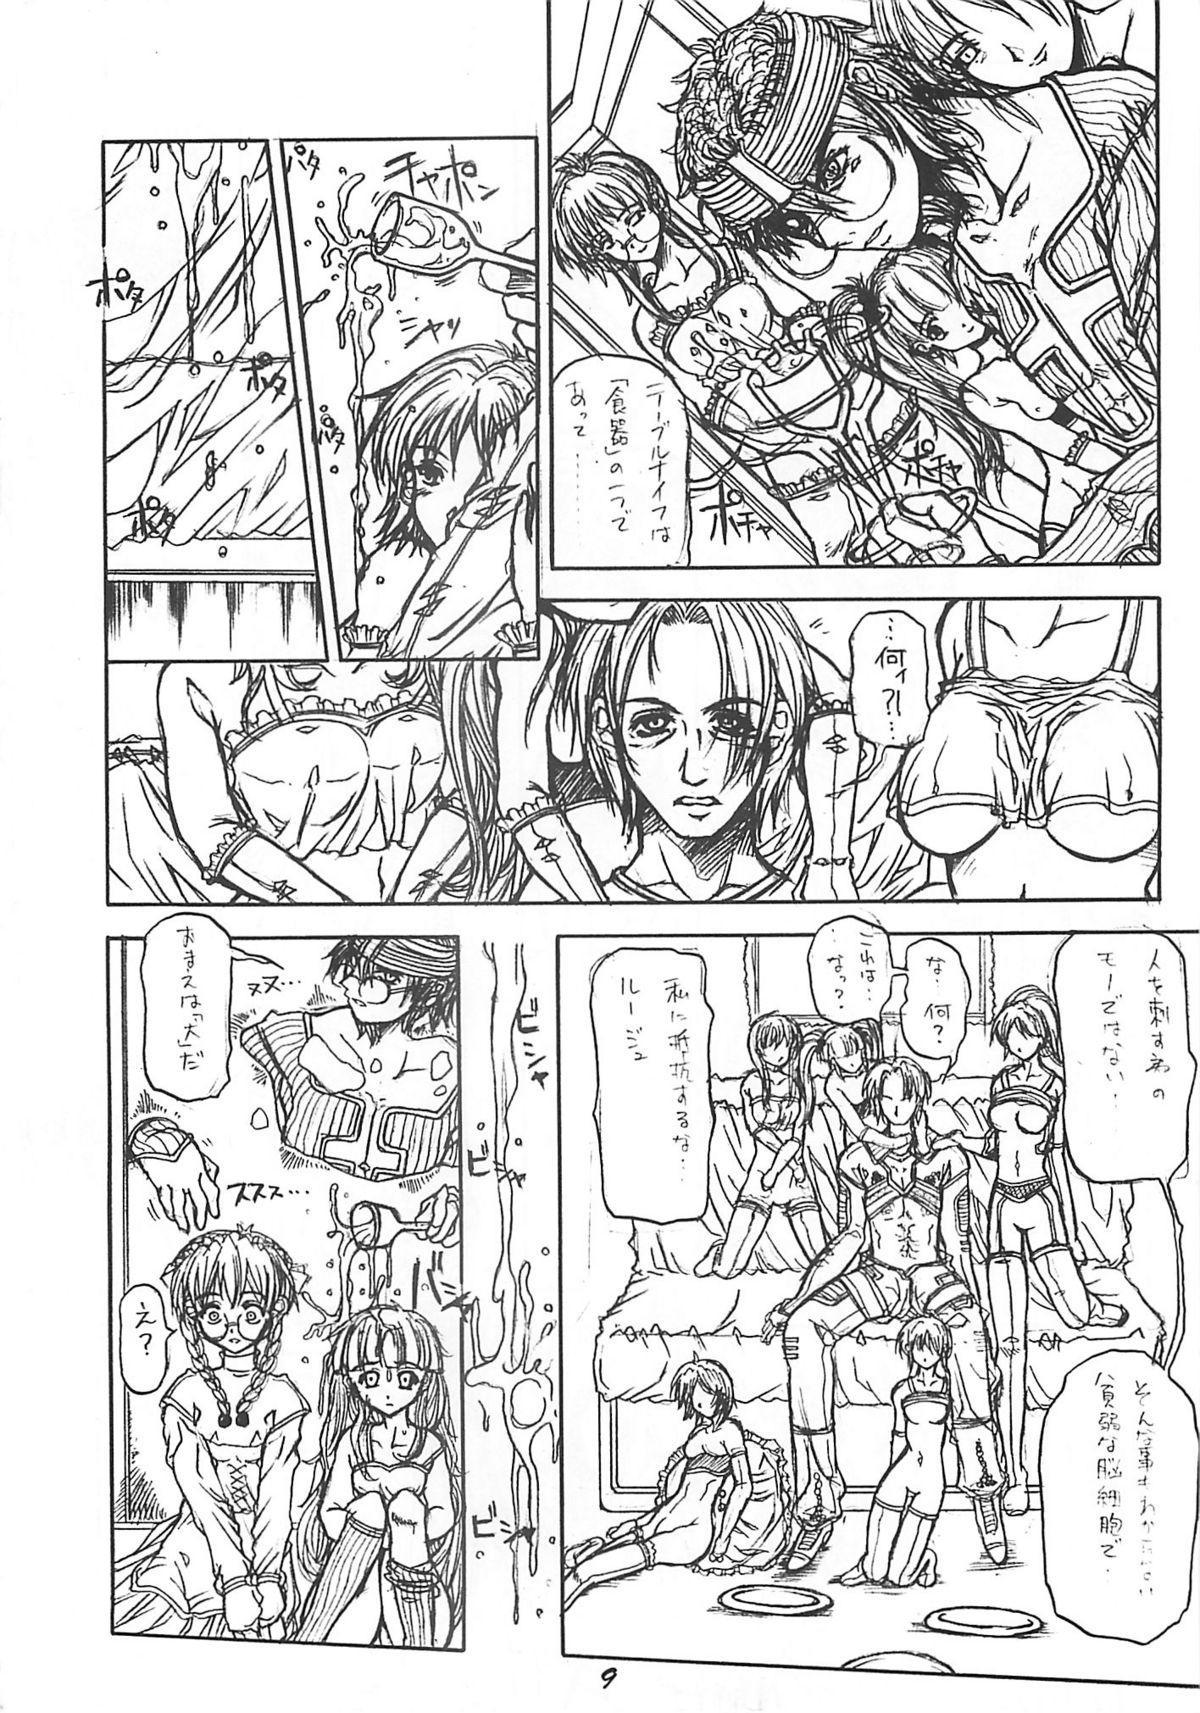 [Virgin Virus (Matsumi Jun)] Fukakutei Youso to Jinrui Kyuushi gaku no Mechanism ni kansuru Suitei Ronri (Kari) EPISODE MARY [5th Edition] 7